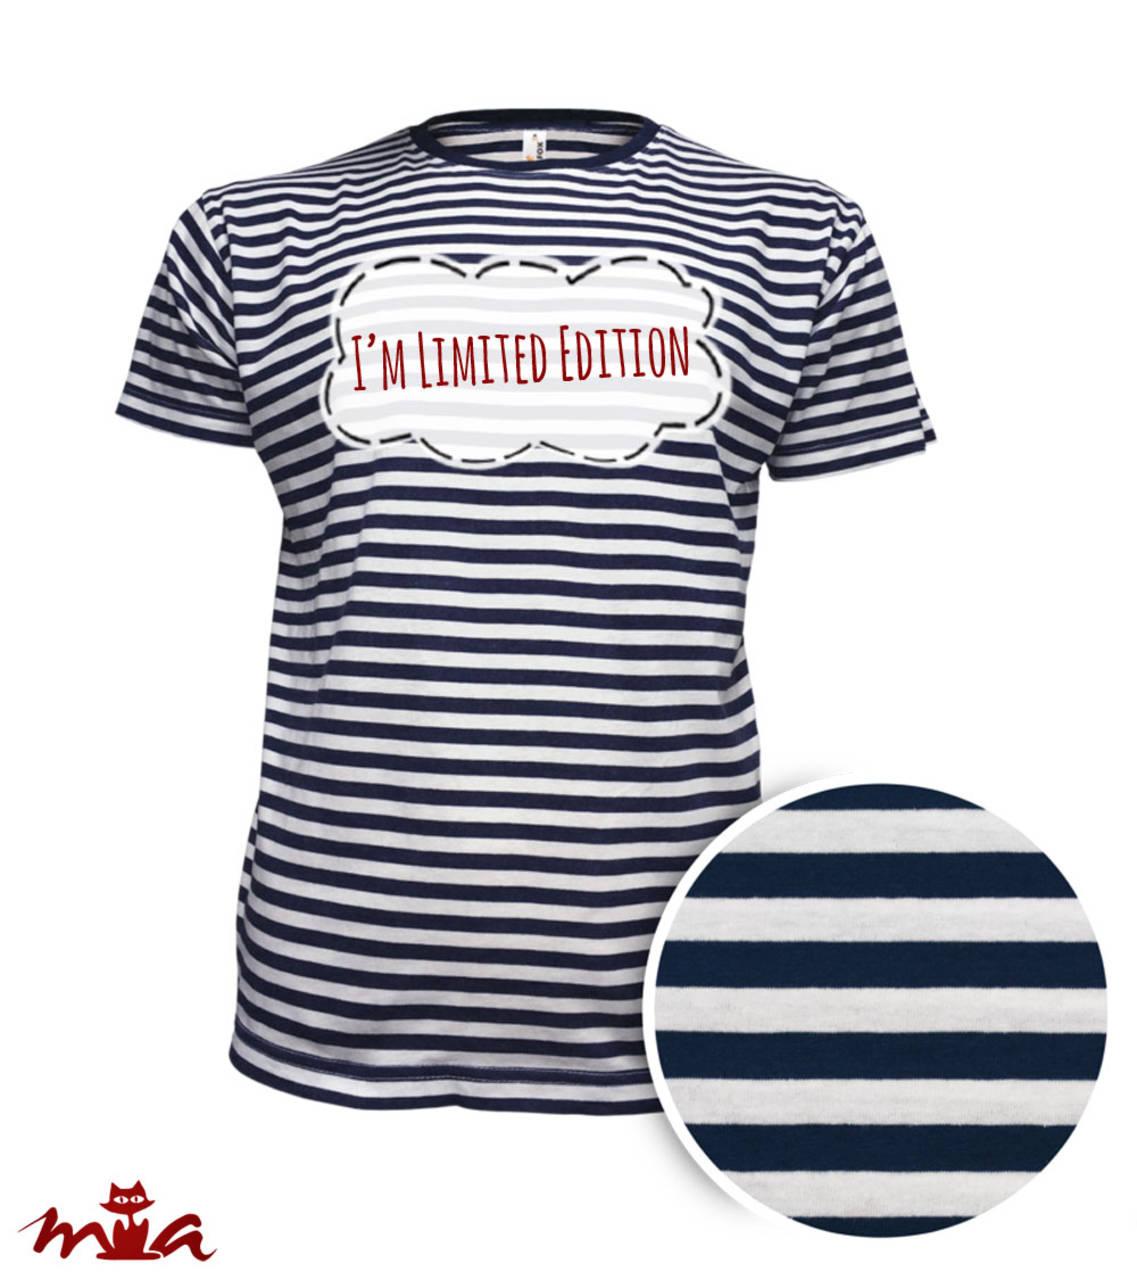 899af9de242a ... Detské oblečenie - Detské námornícke tričko s vlastným nápisom -  8170833  ...